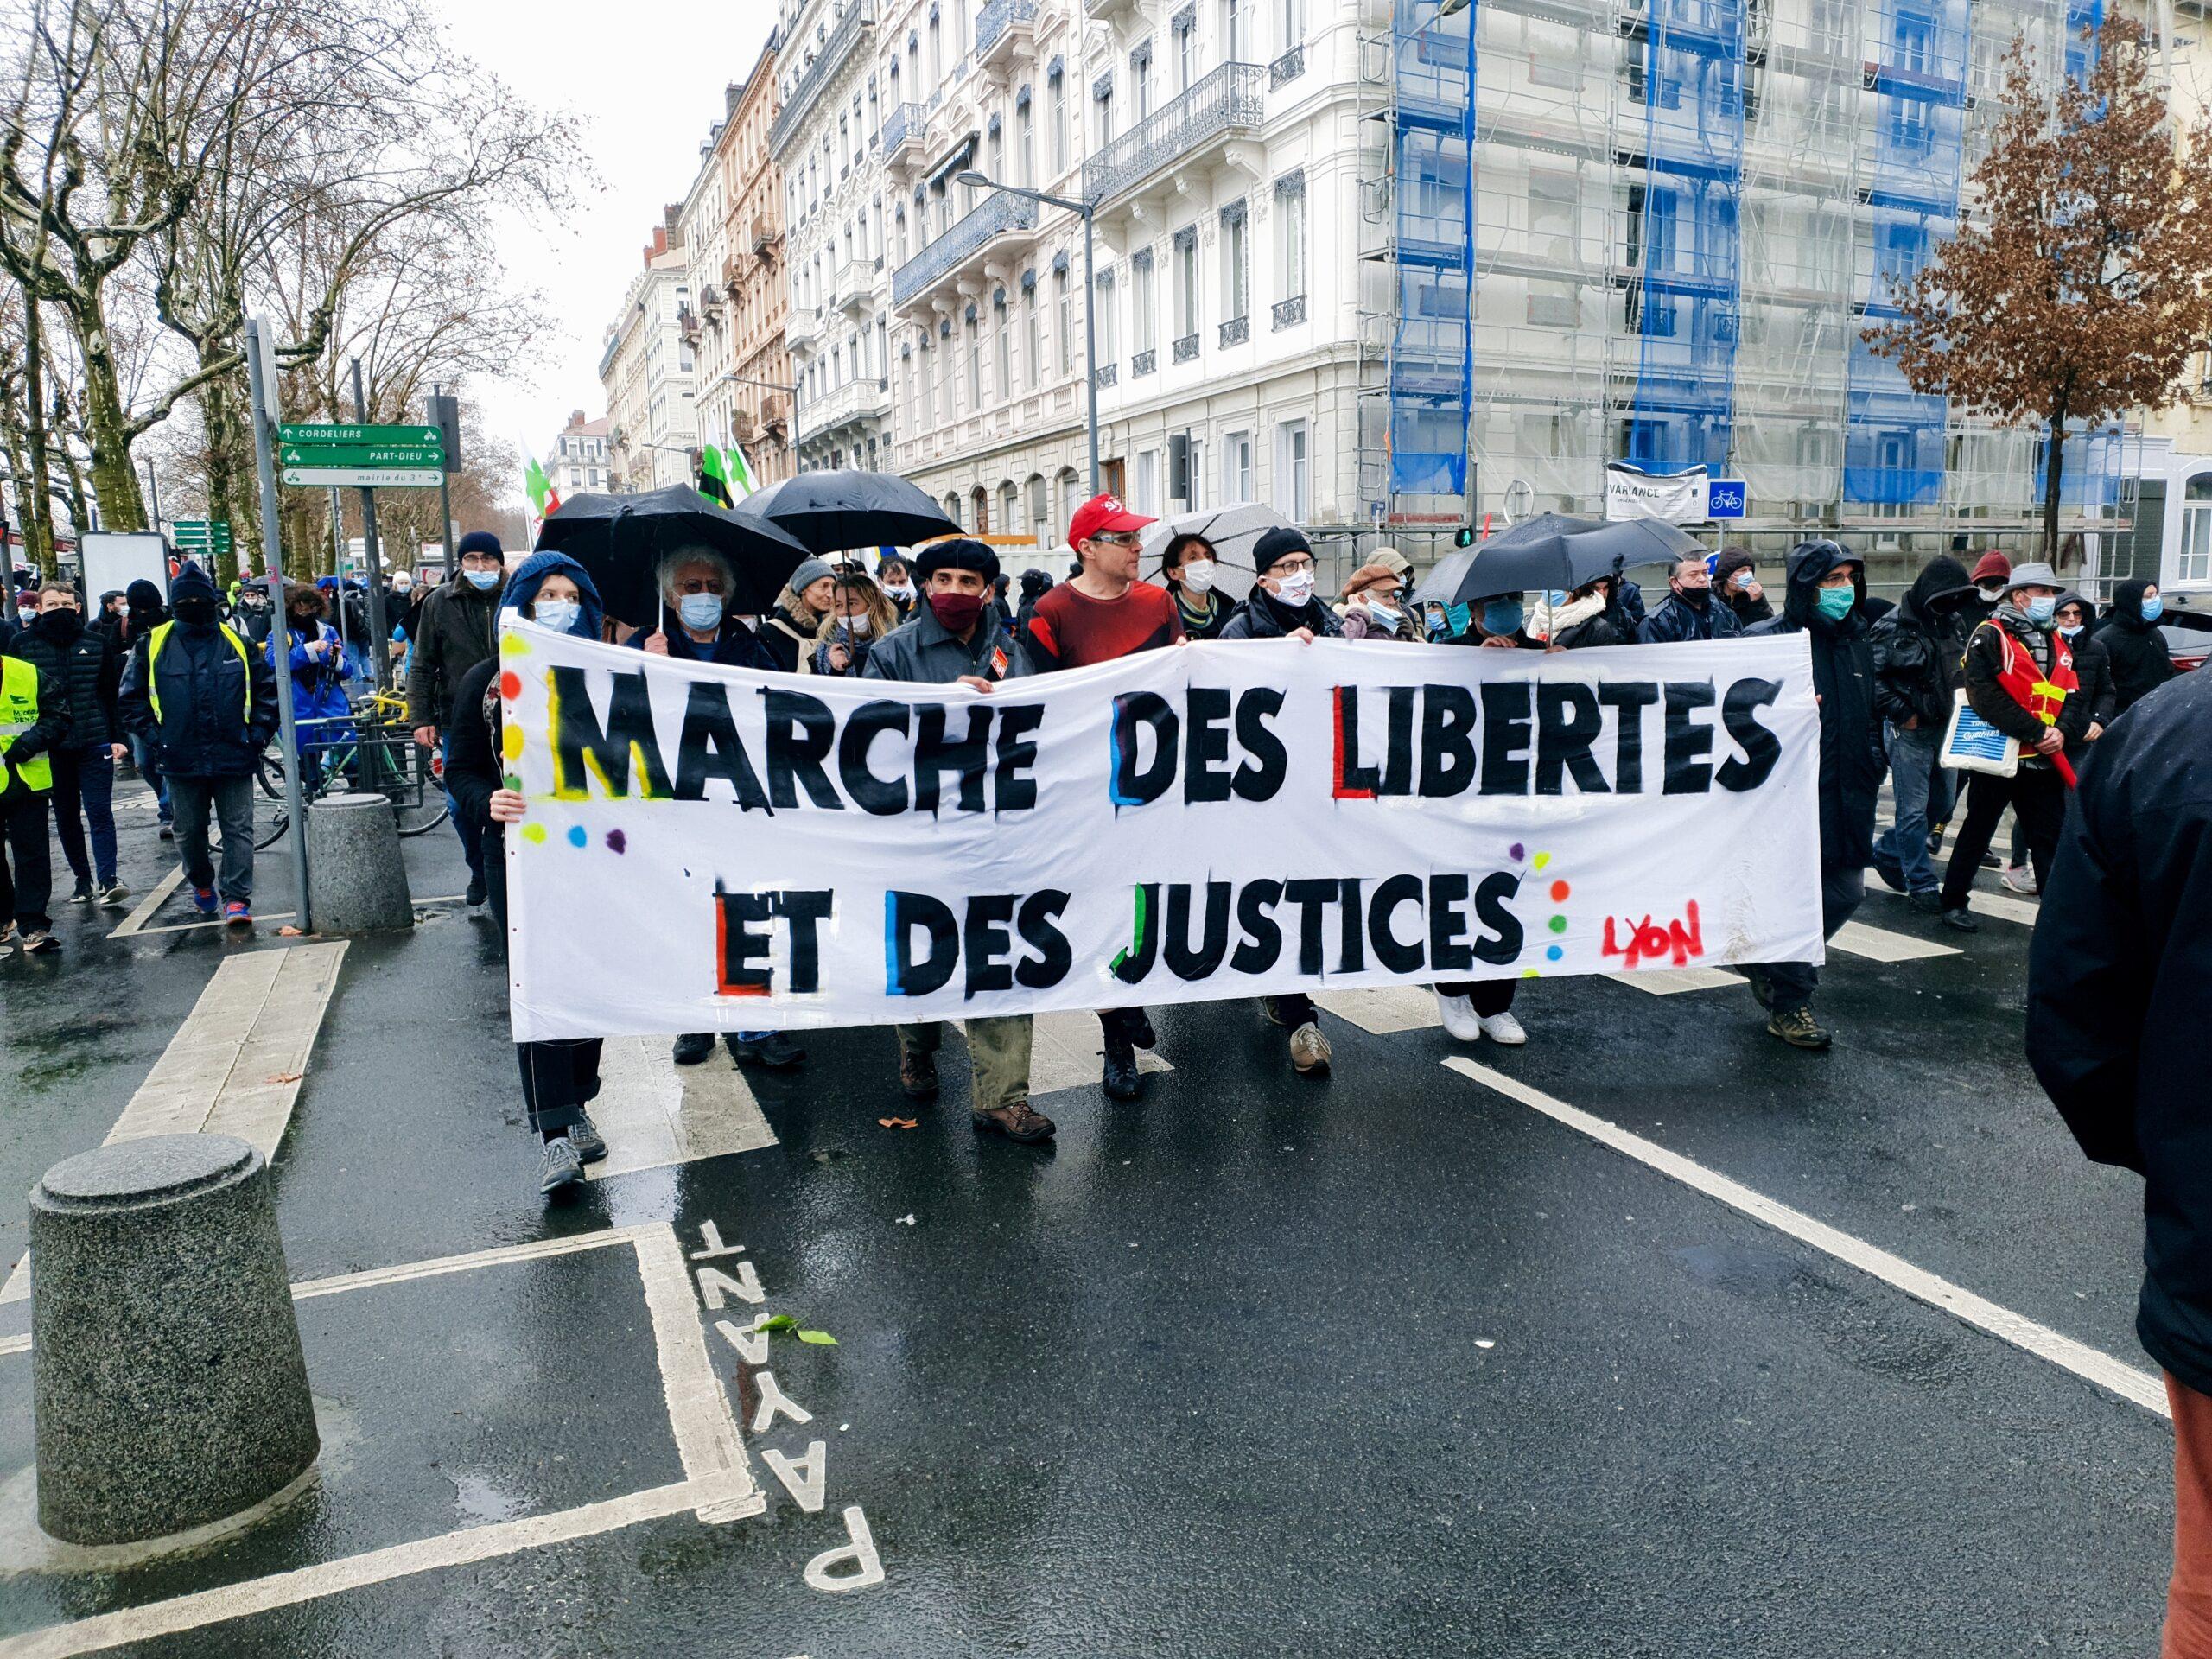 Marche des libertés